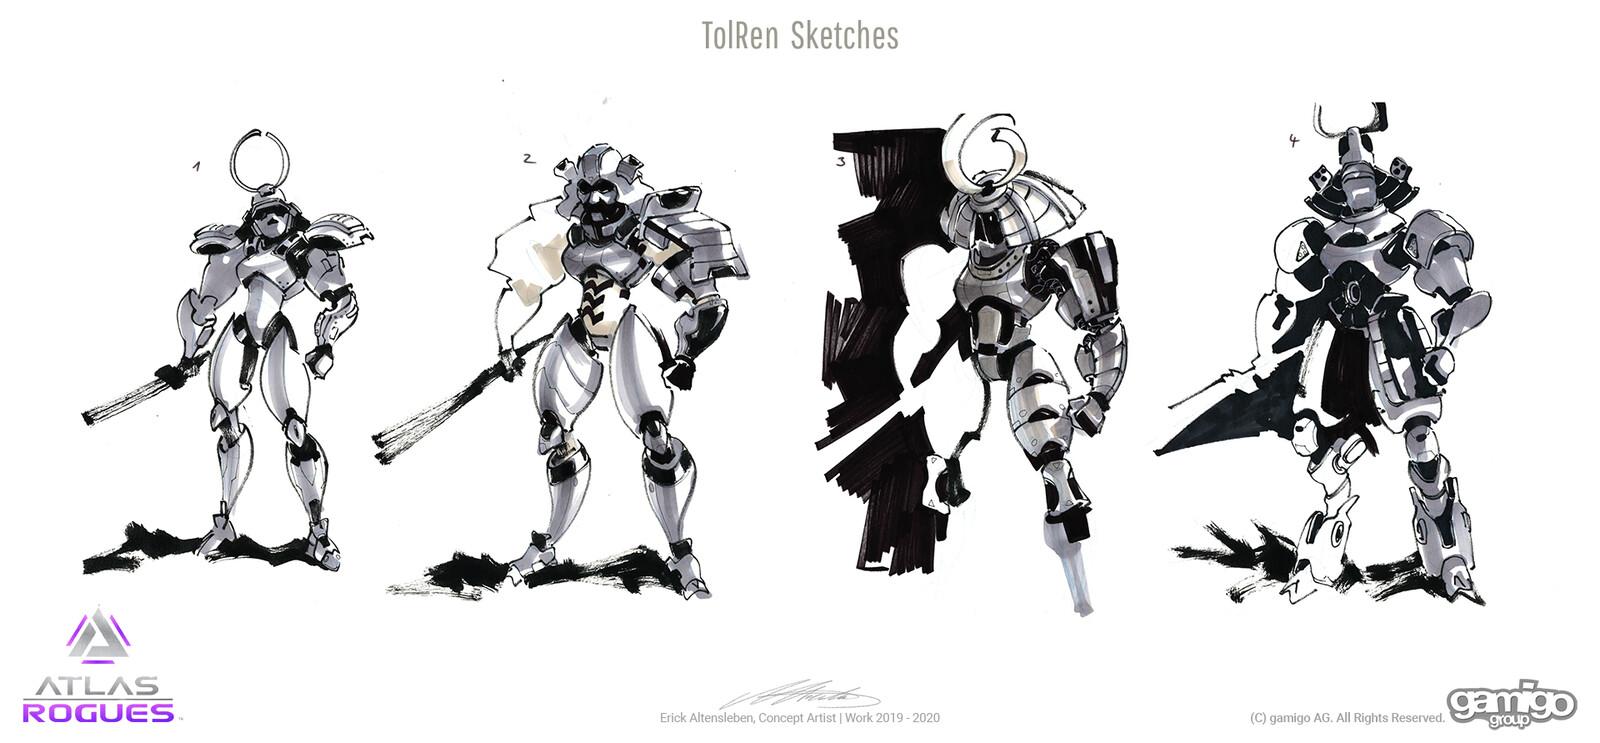 Ink & Marker on paper